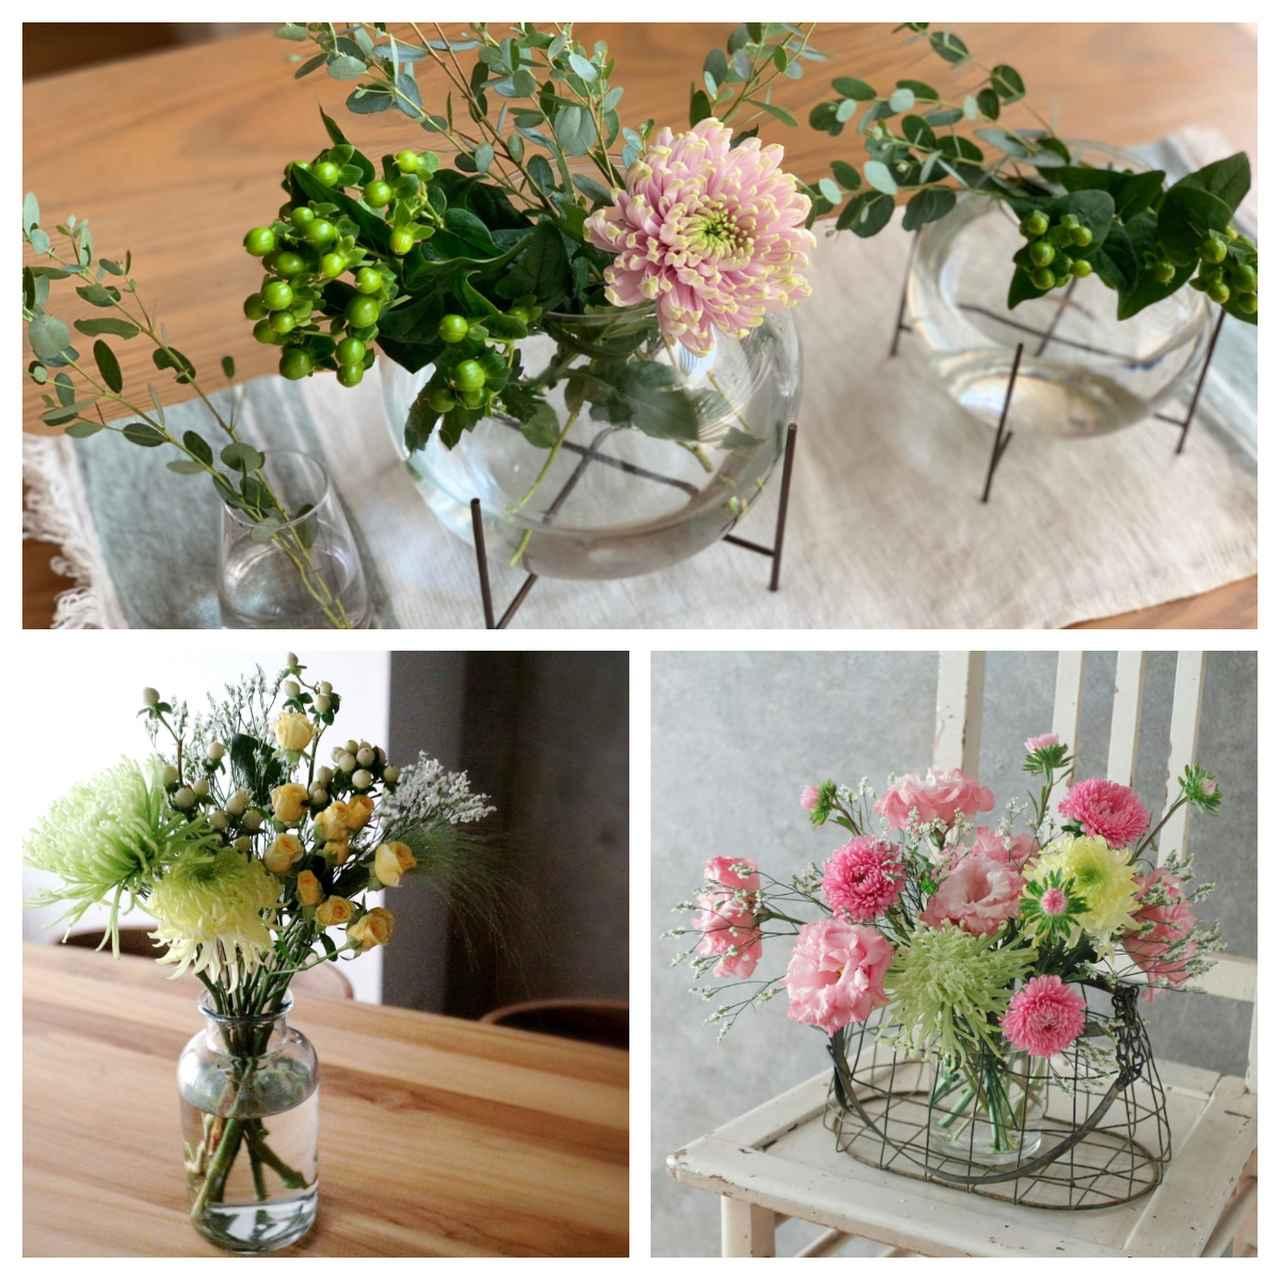 画像1: 自宅で有名クリエイターの教室に通う感覚で花を活ける! レッスン動画+花を定期配送する サブスクリプションサービス「hanaike」提供スタート